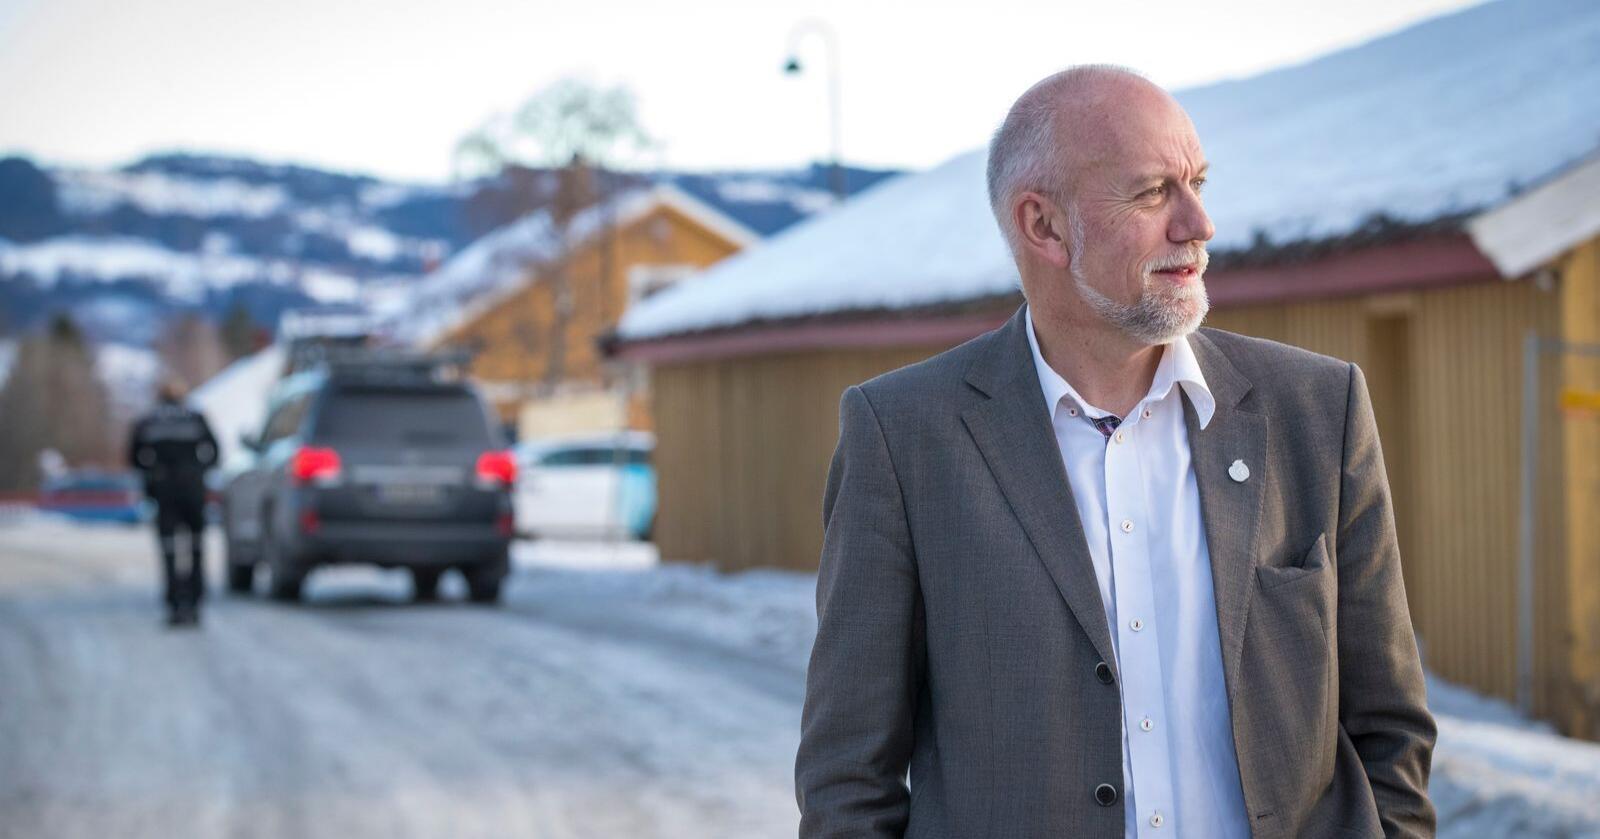 Frps stortingspolitikere ble orientert om den endelige pelskompensasjonen onsdag, noen timer før offentligheten. Morten Ørsal Johansen (FrP) legger ikke skjul på at han er skuffet over egen regjering. Foto: Heiko Junge / NTB scanpix